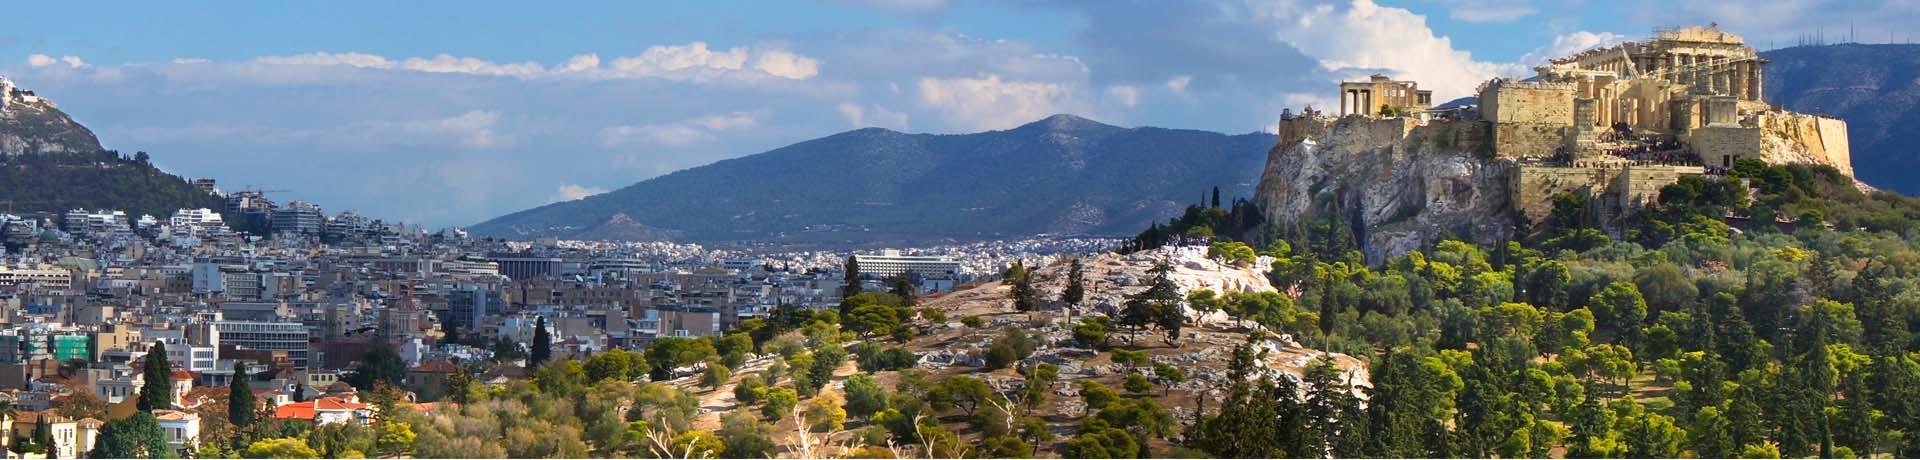 Unesco Welterbe 19 Beeindruckende Urlaubsziele Mit Ausgezeichneter